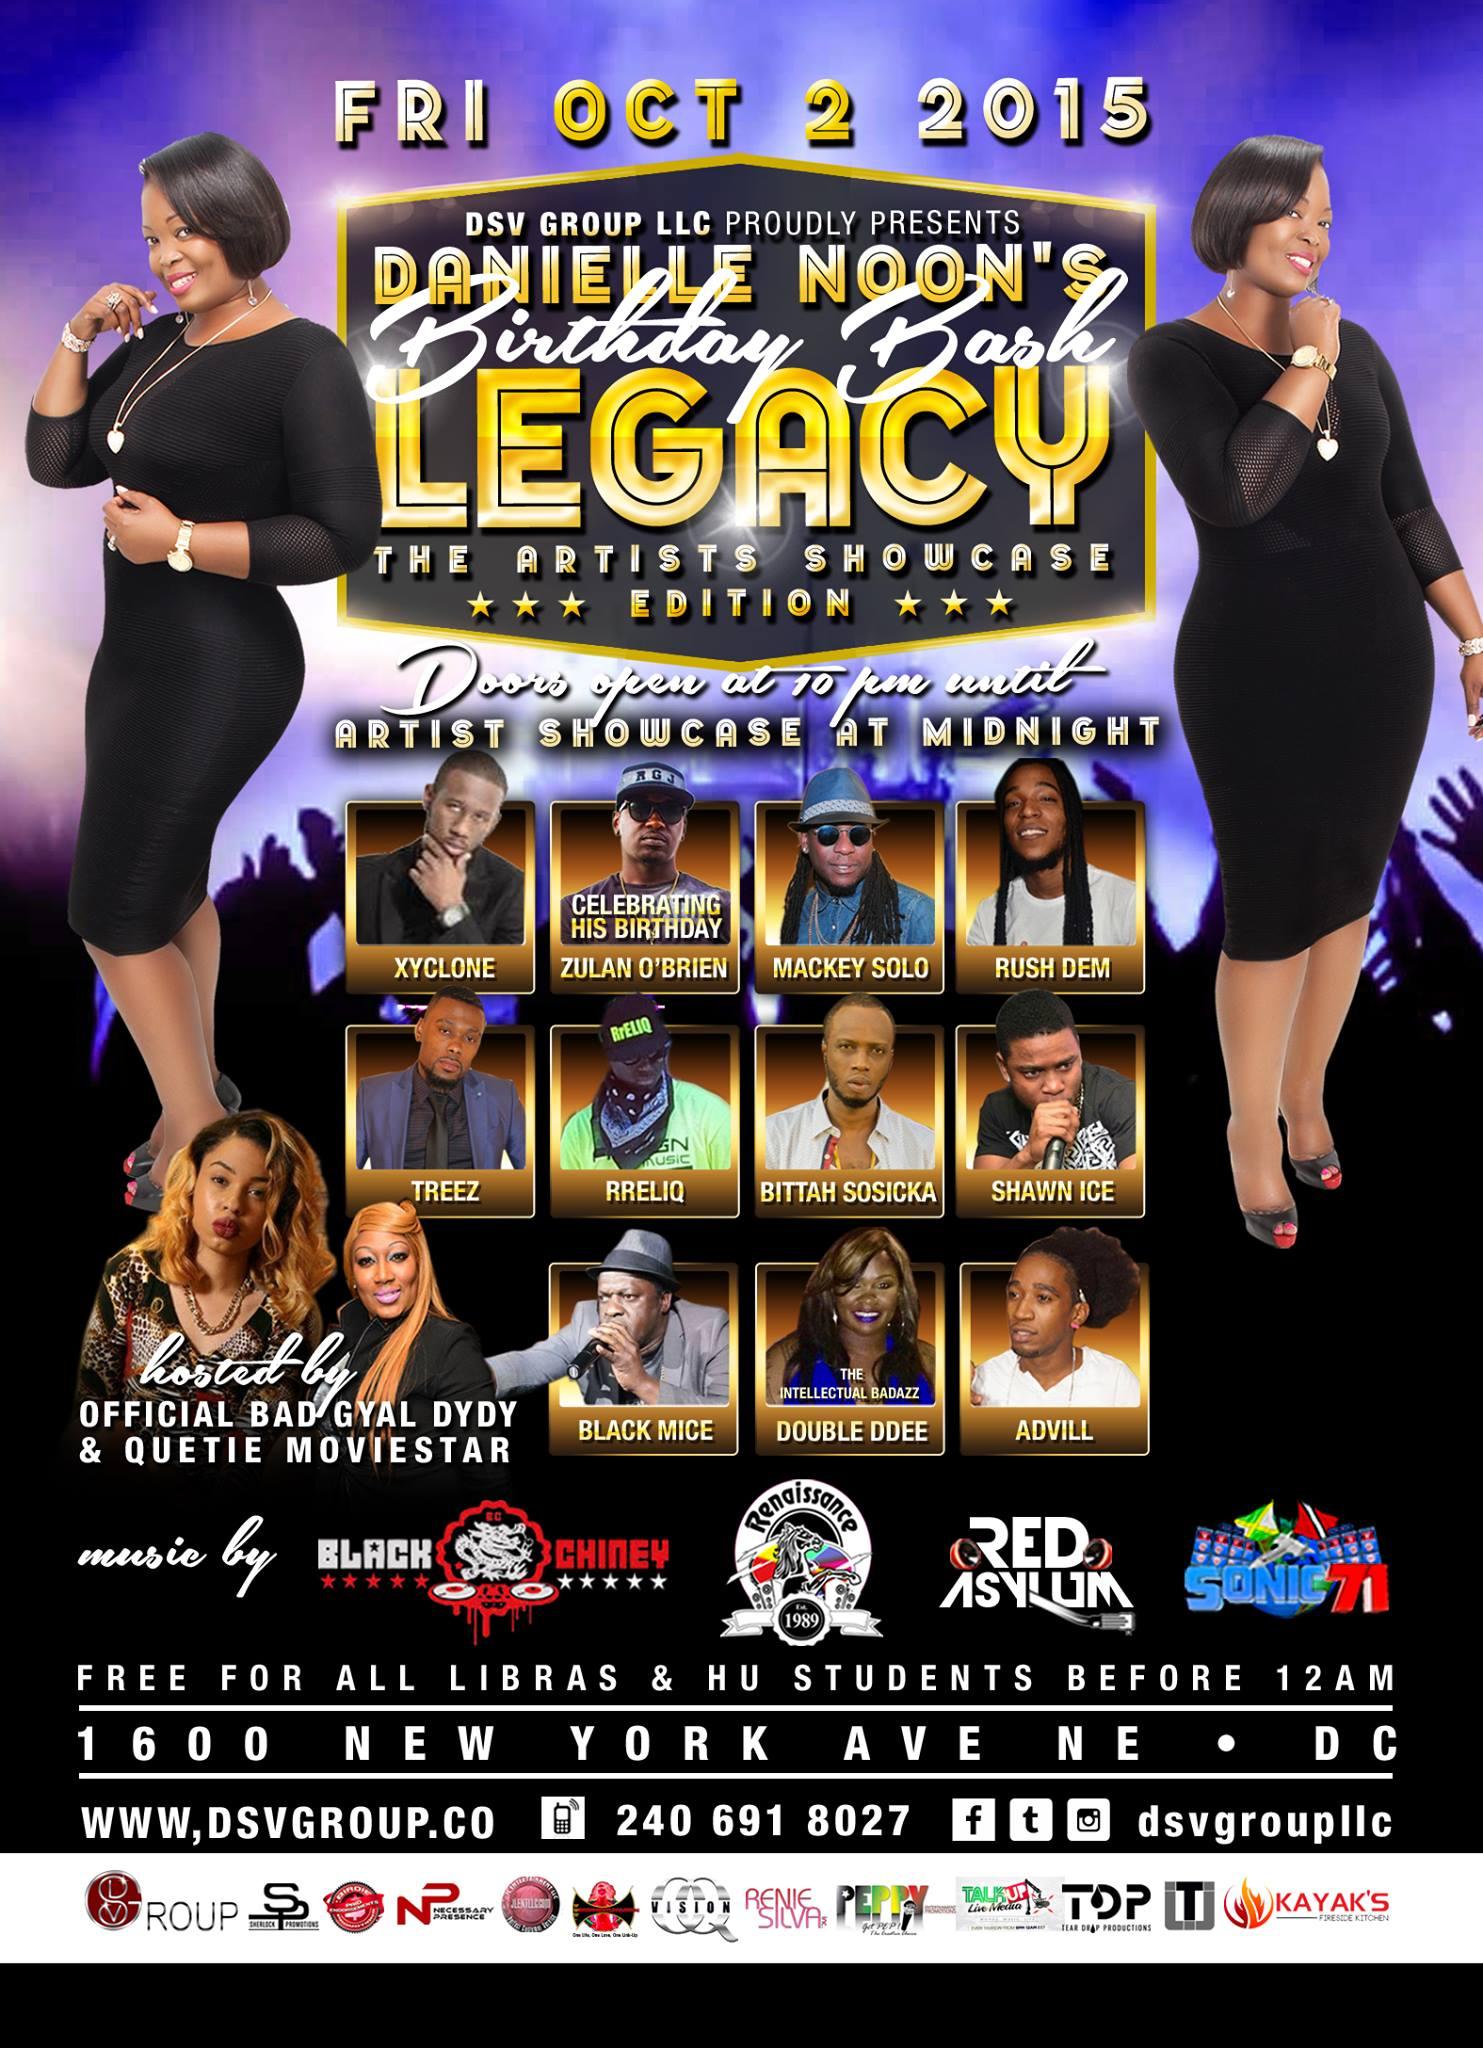 LegacyBack